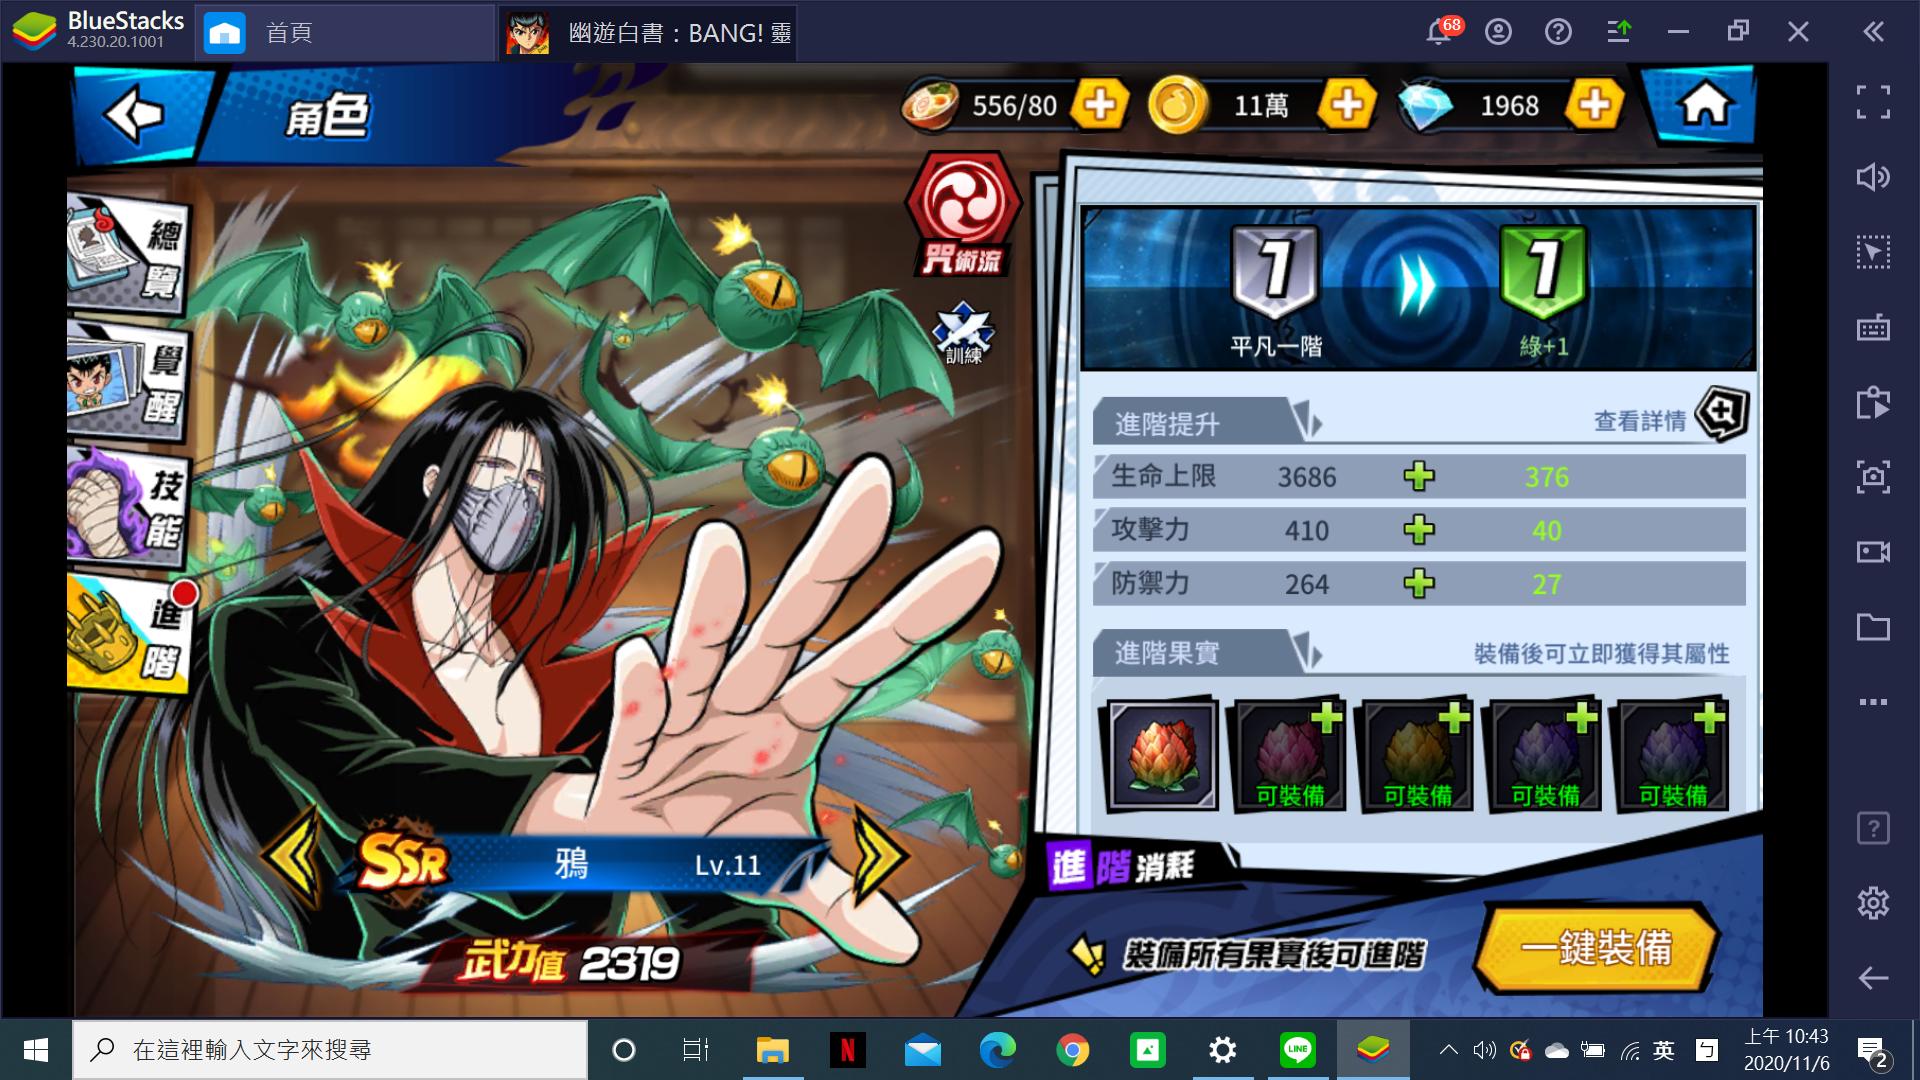 《幽遊白書:BANG!靈丸》角色及迷宮技巧攻略篇